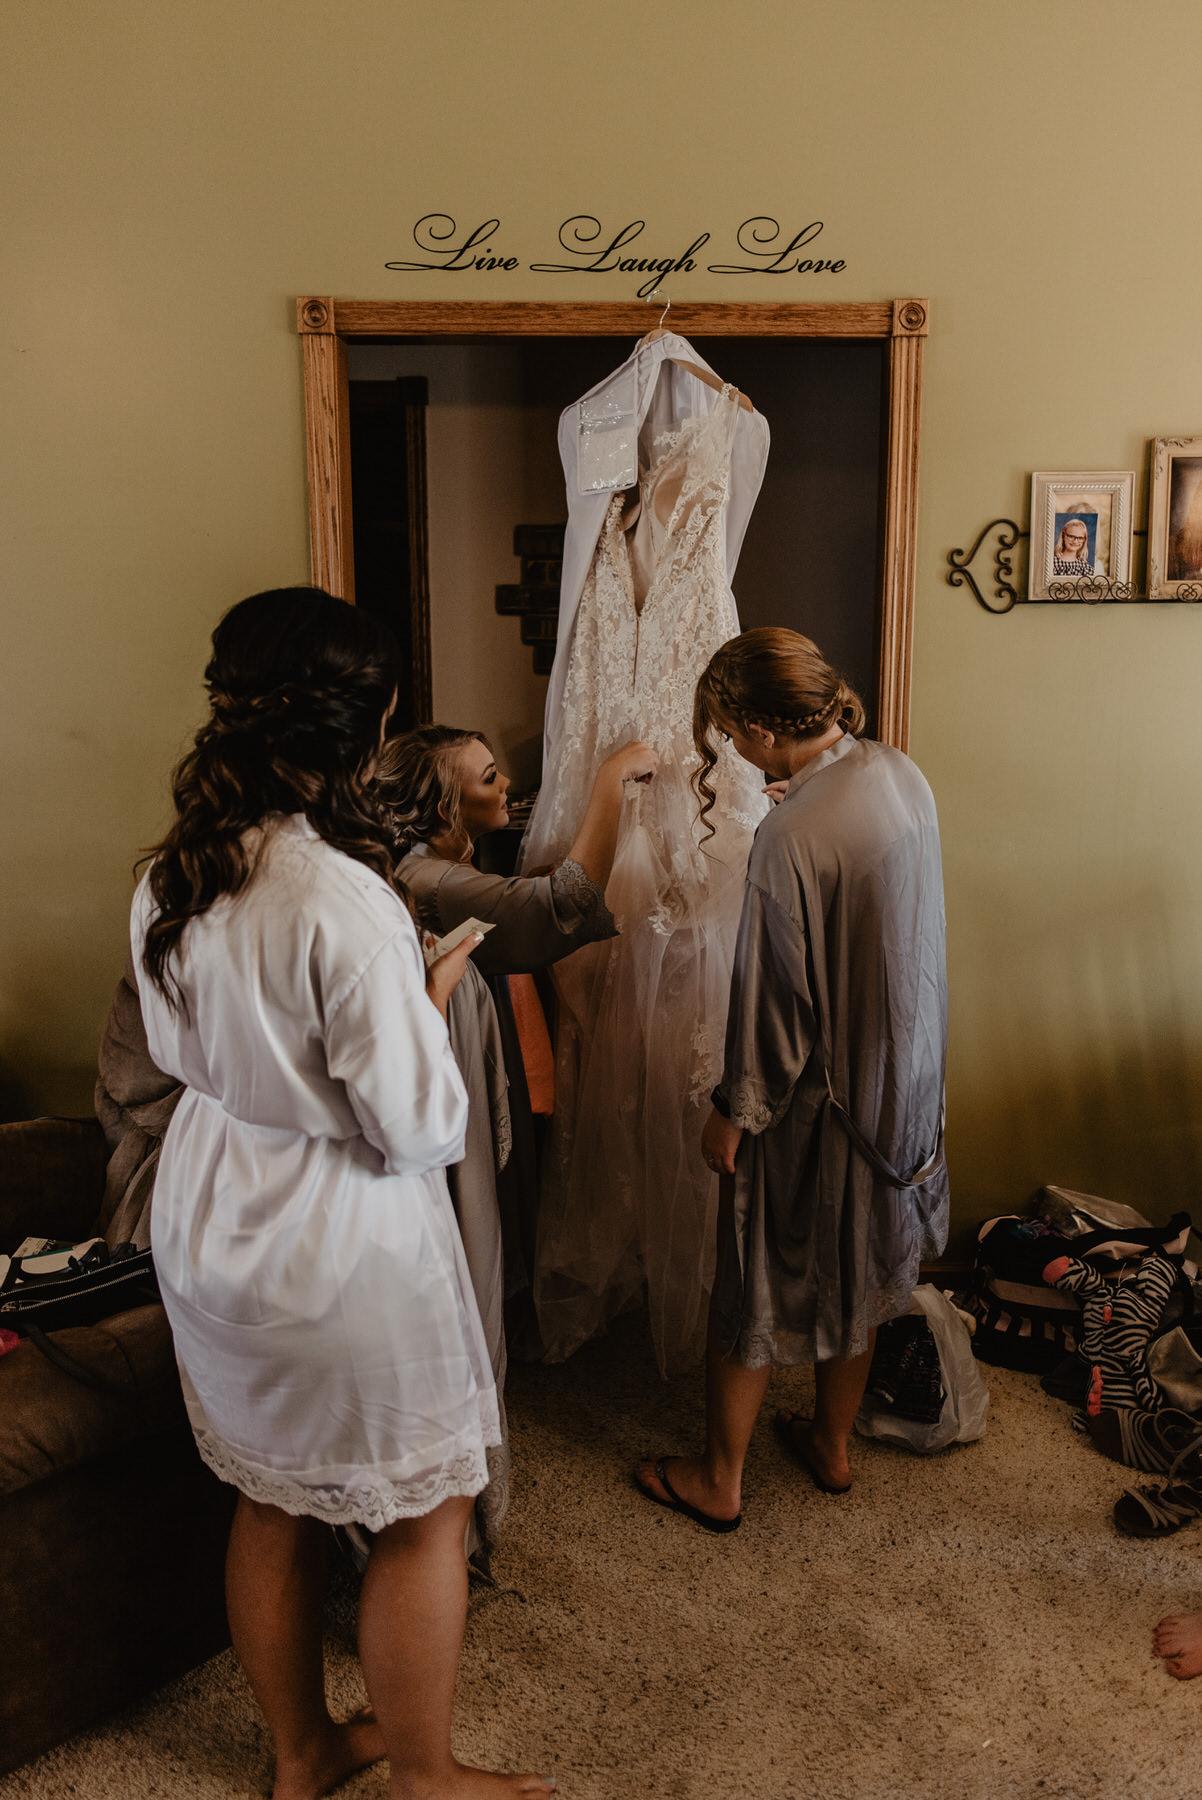 Kaylie-Sirek-Photography-Kearney-Nebraska-Wedding-013.jpg